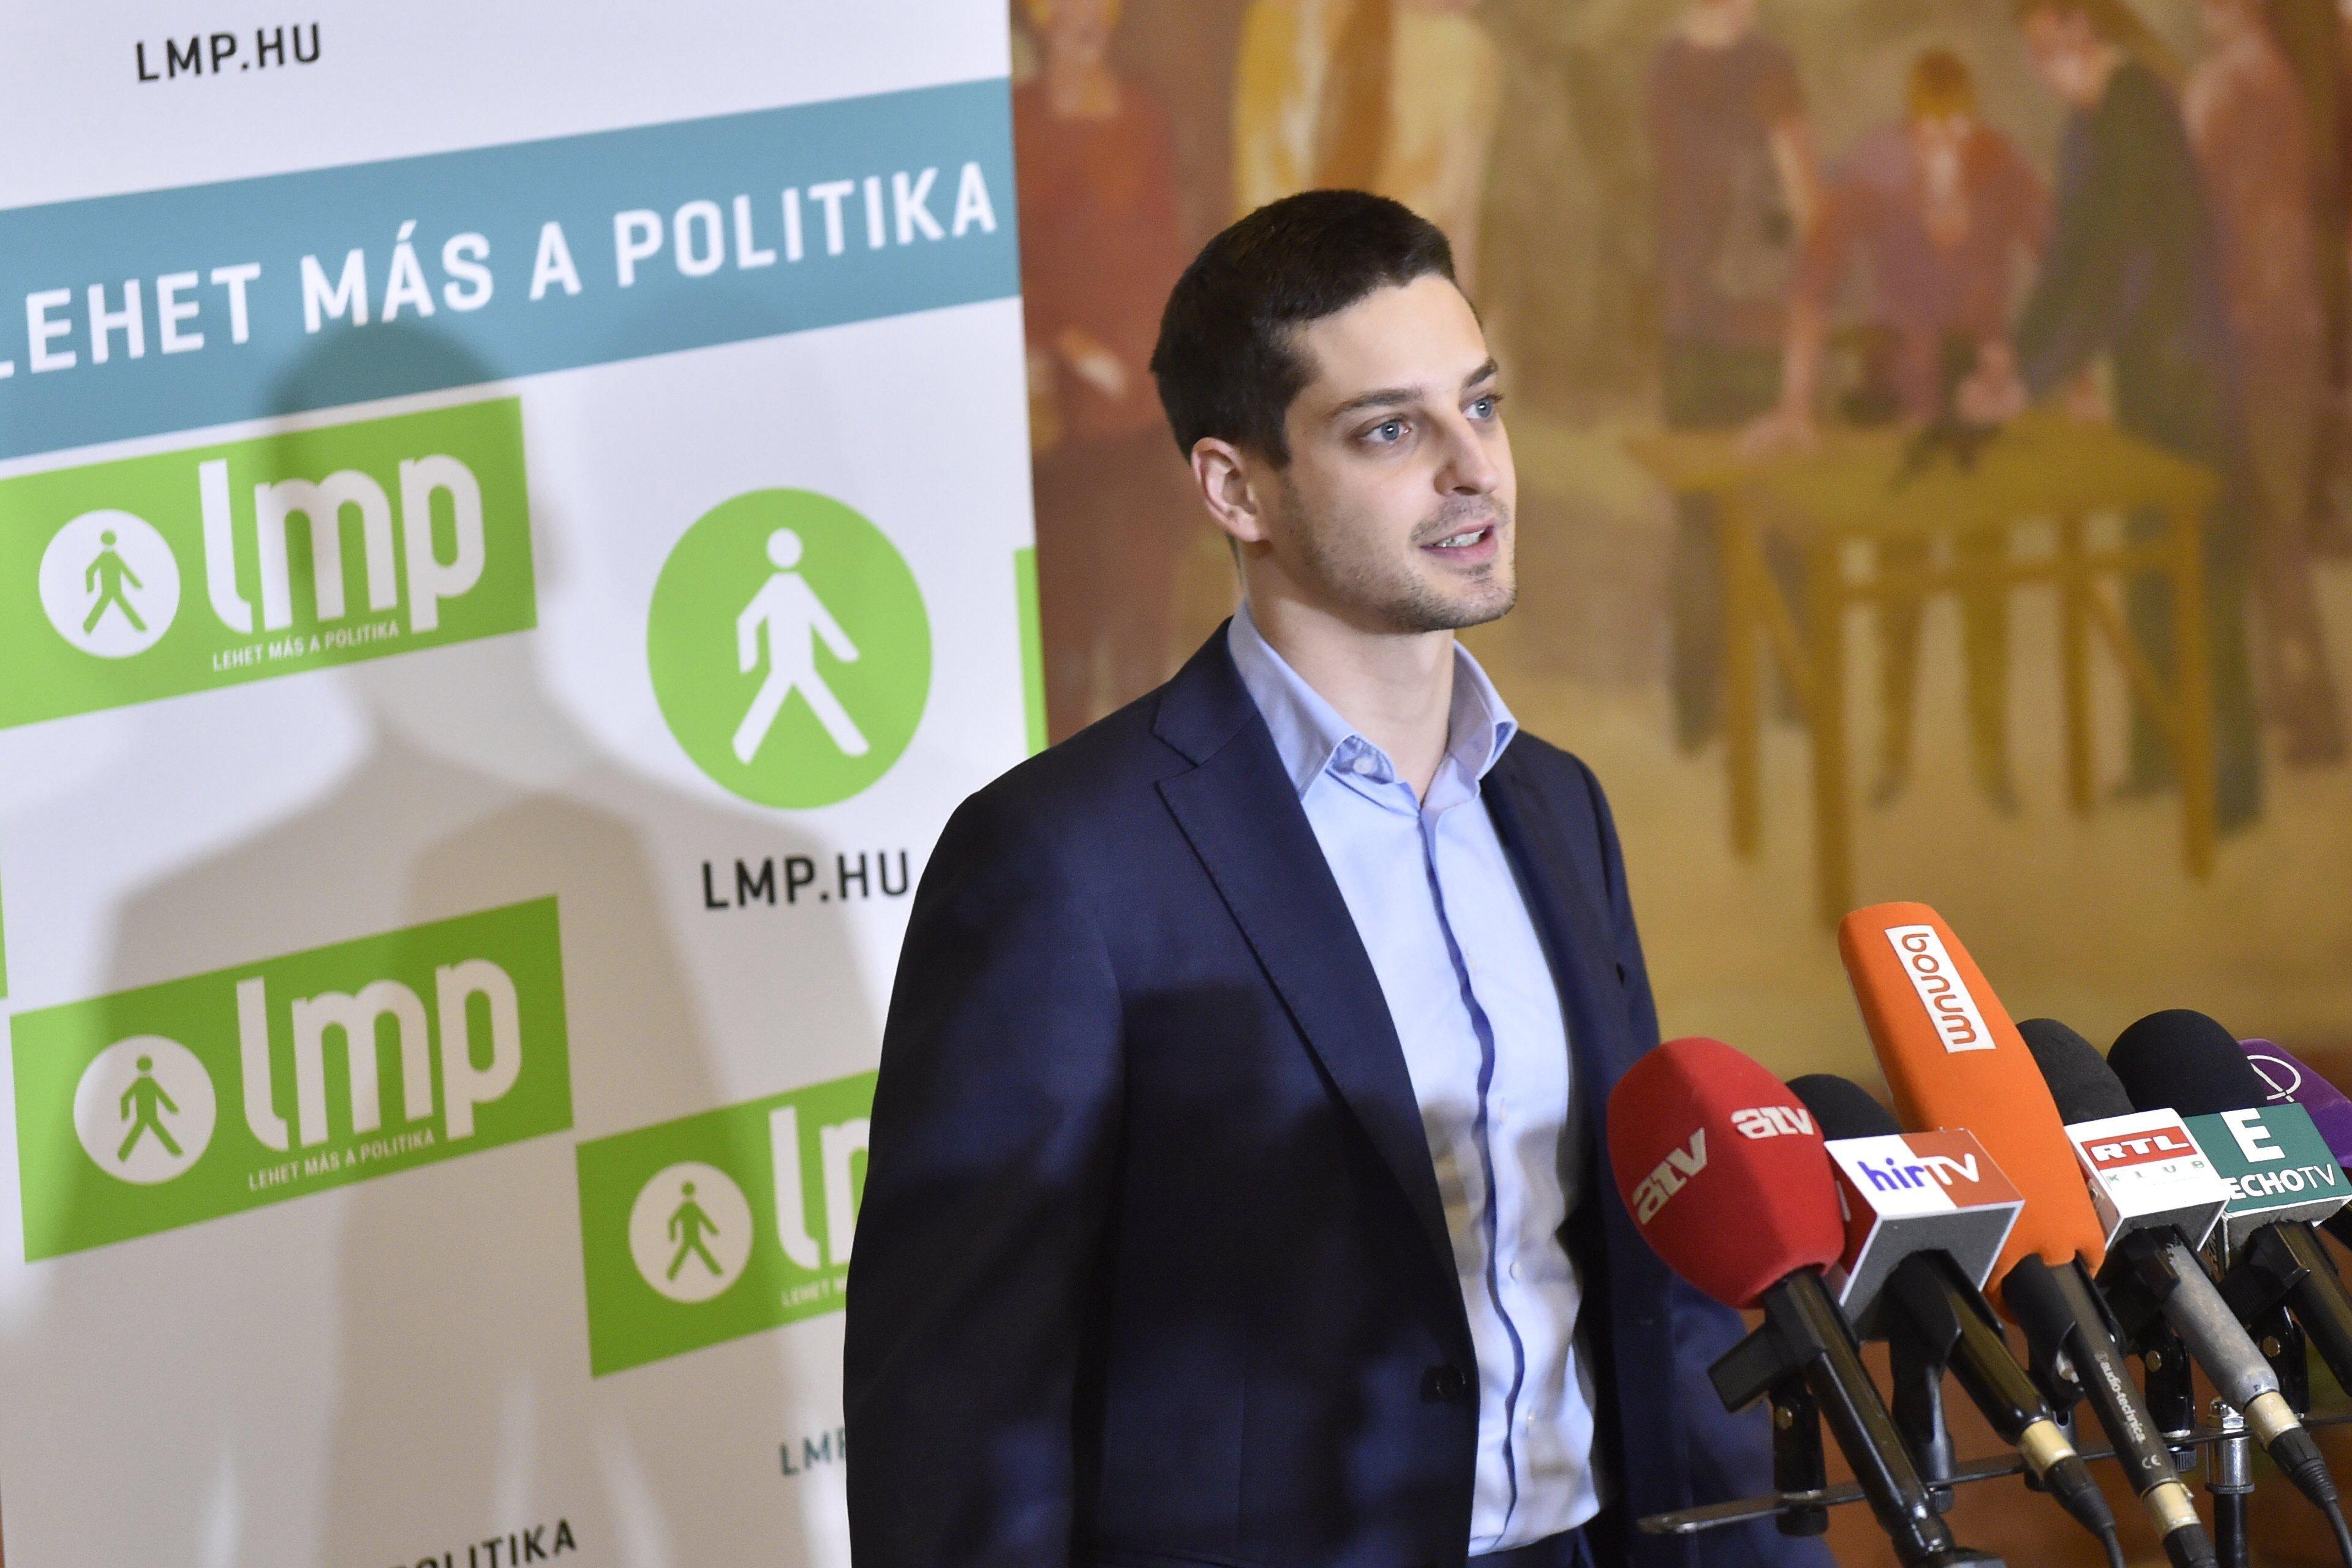 """""""Folyamatosan gondolkozom a helyzetről, amit ez a vagyontárgy jelent"""" – mondja Ungár Péter, miután a Mészáros-közeli Takarékbank bevásárolt a cégébe"""